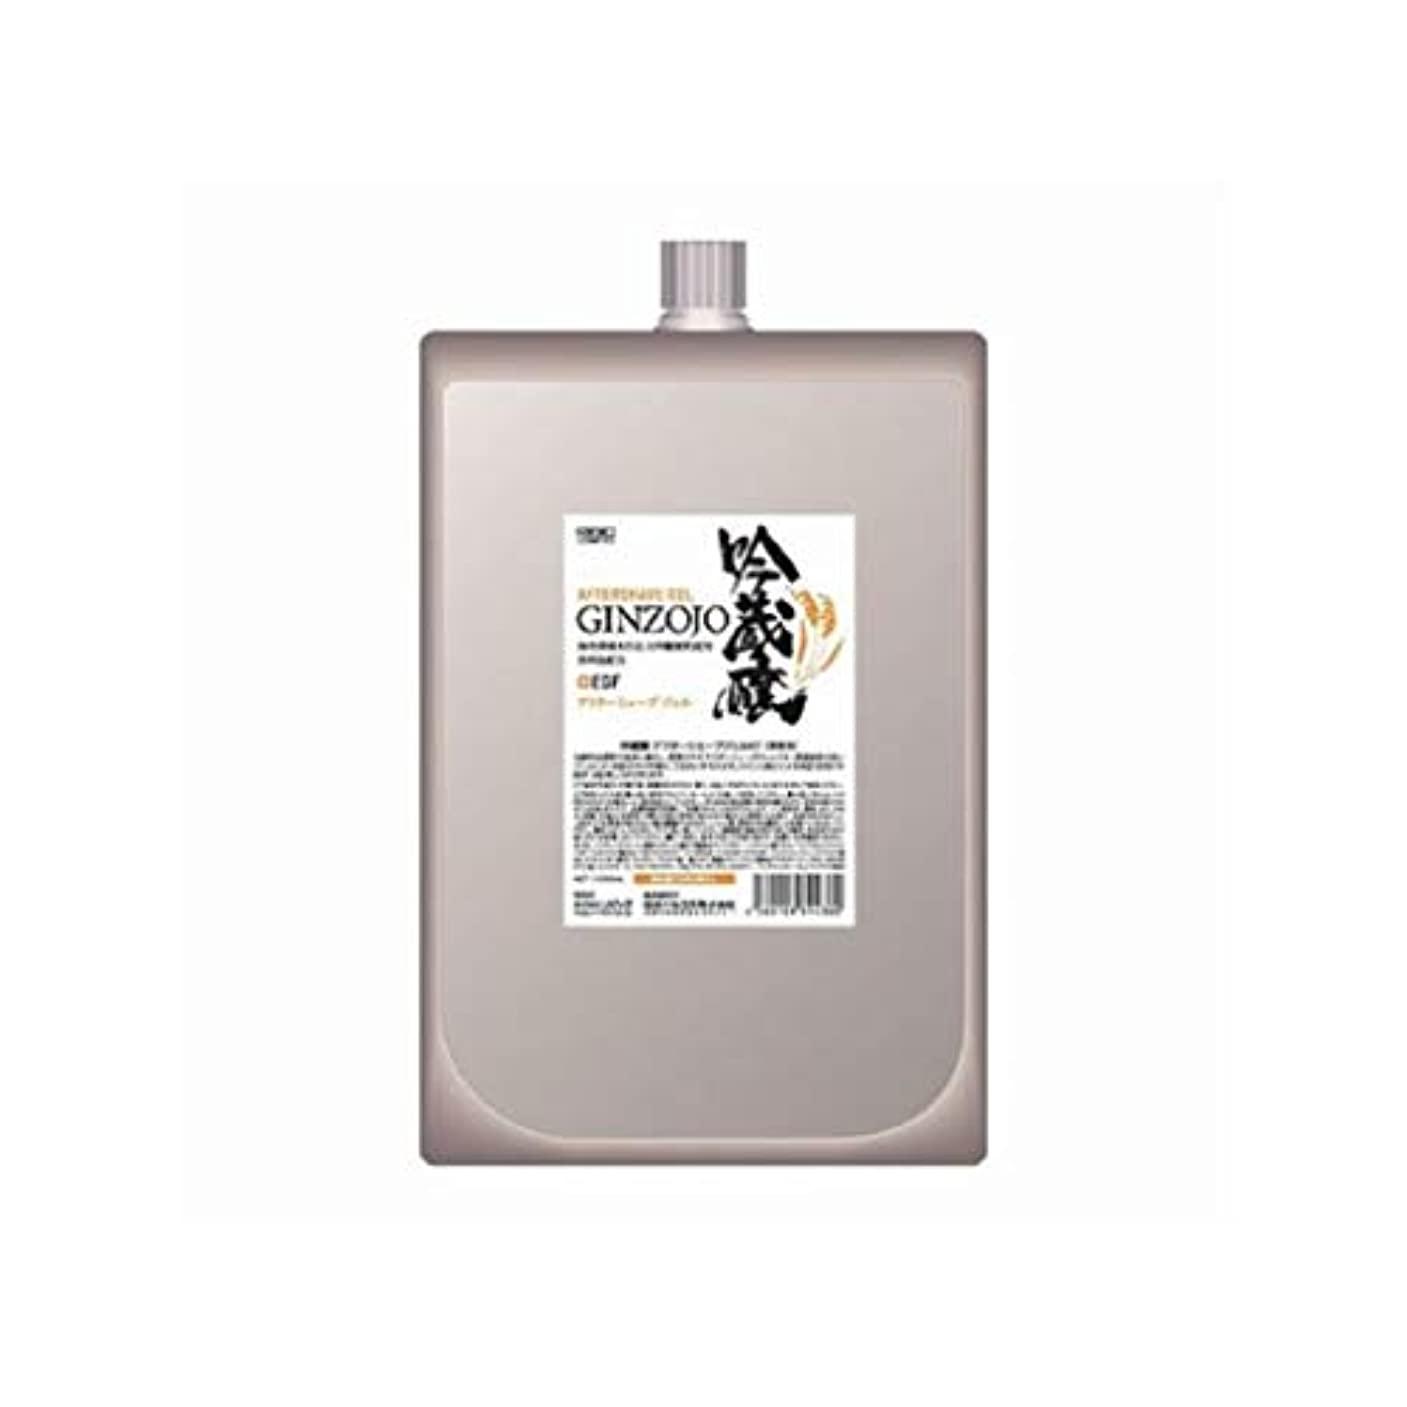 チャールズキージング世論調査小数日本ケミコス株式会社 吟蔵醸 アフターシェーブジェルKF 1000ml